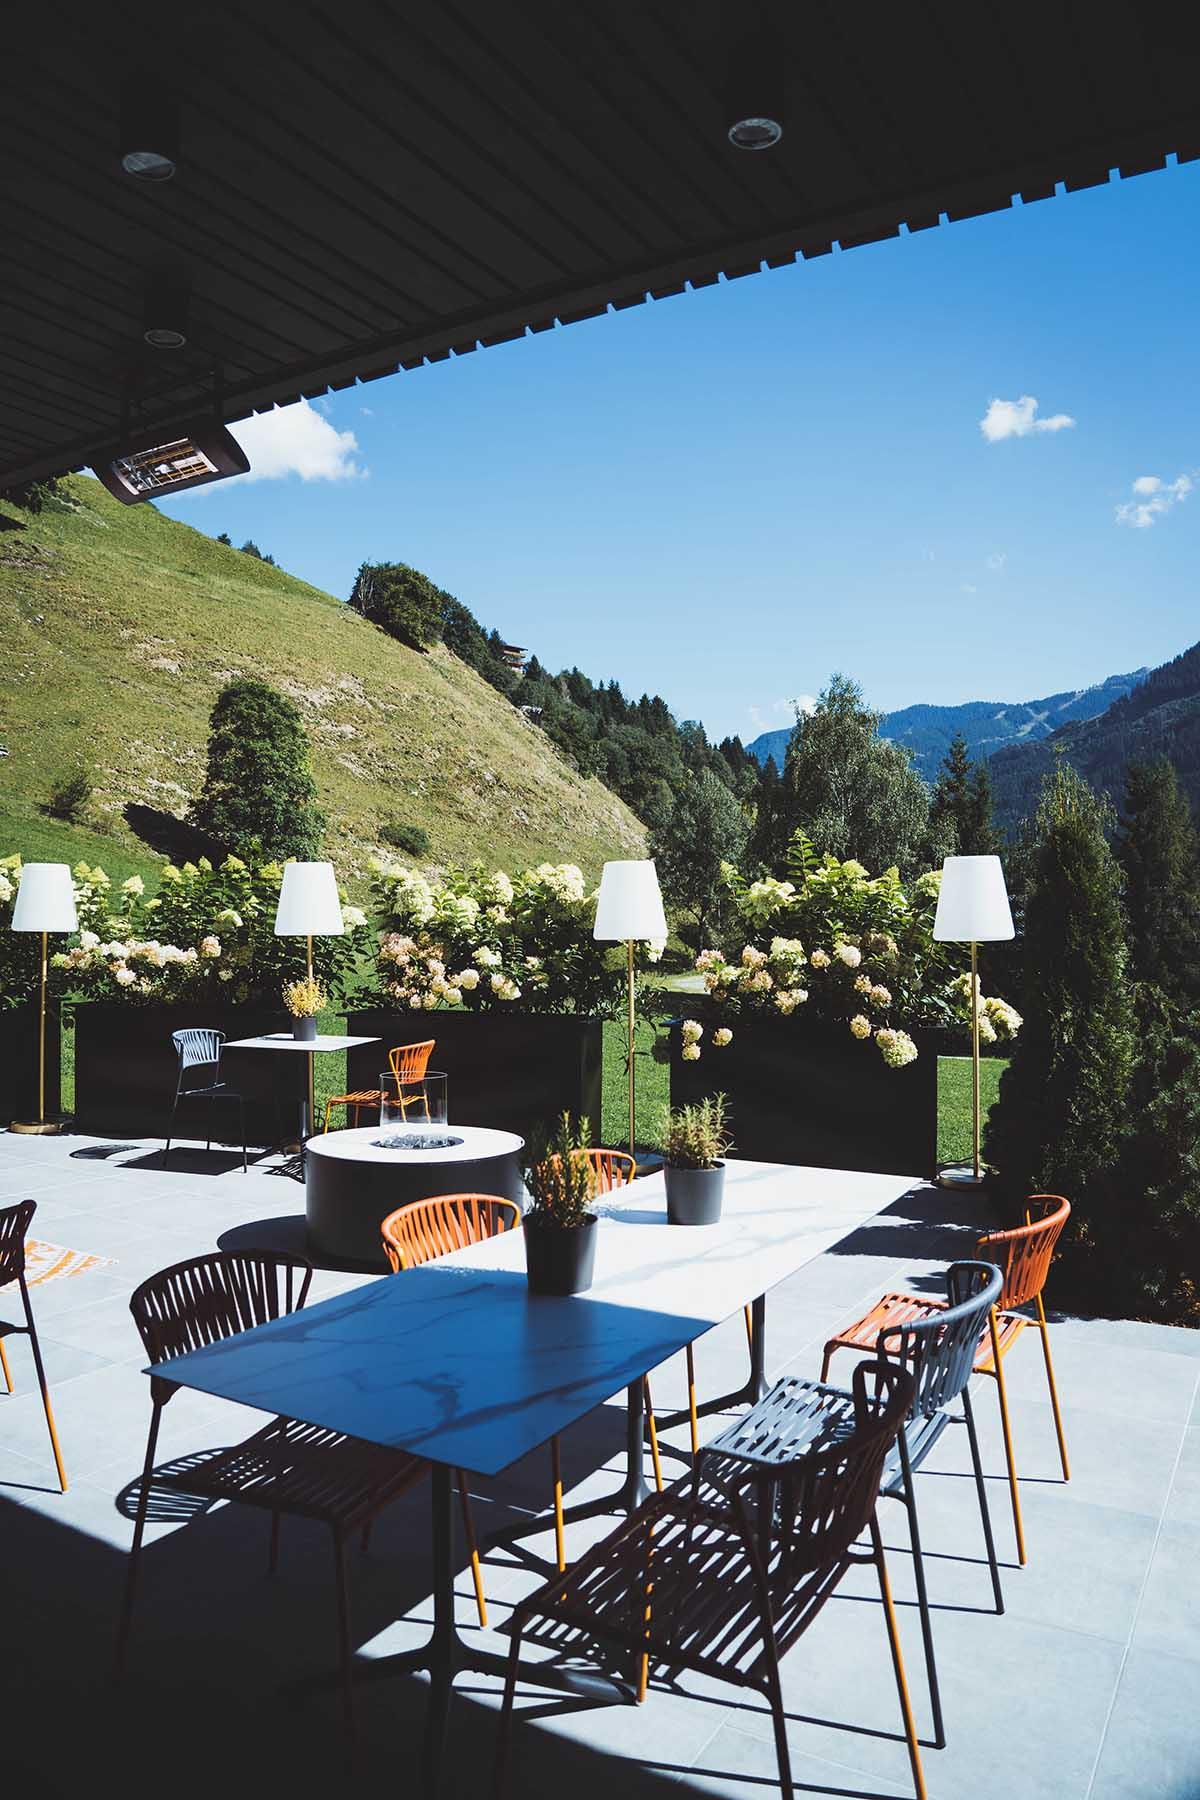 goldstueck-boutique-hotel-saalbach-hinterglemm-terrasse